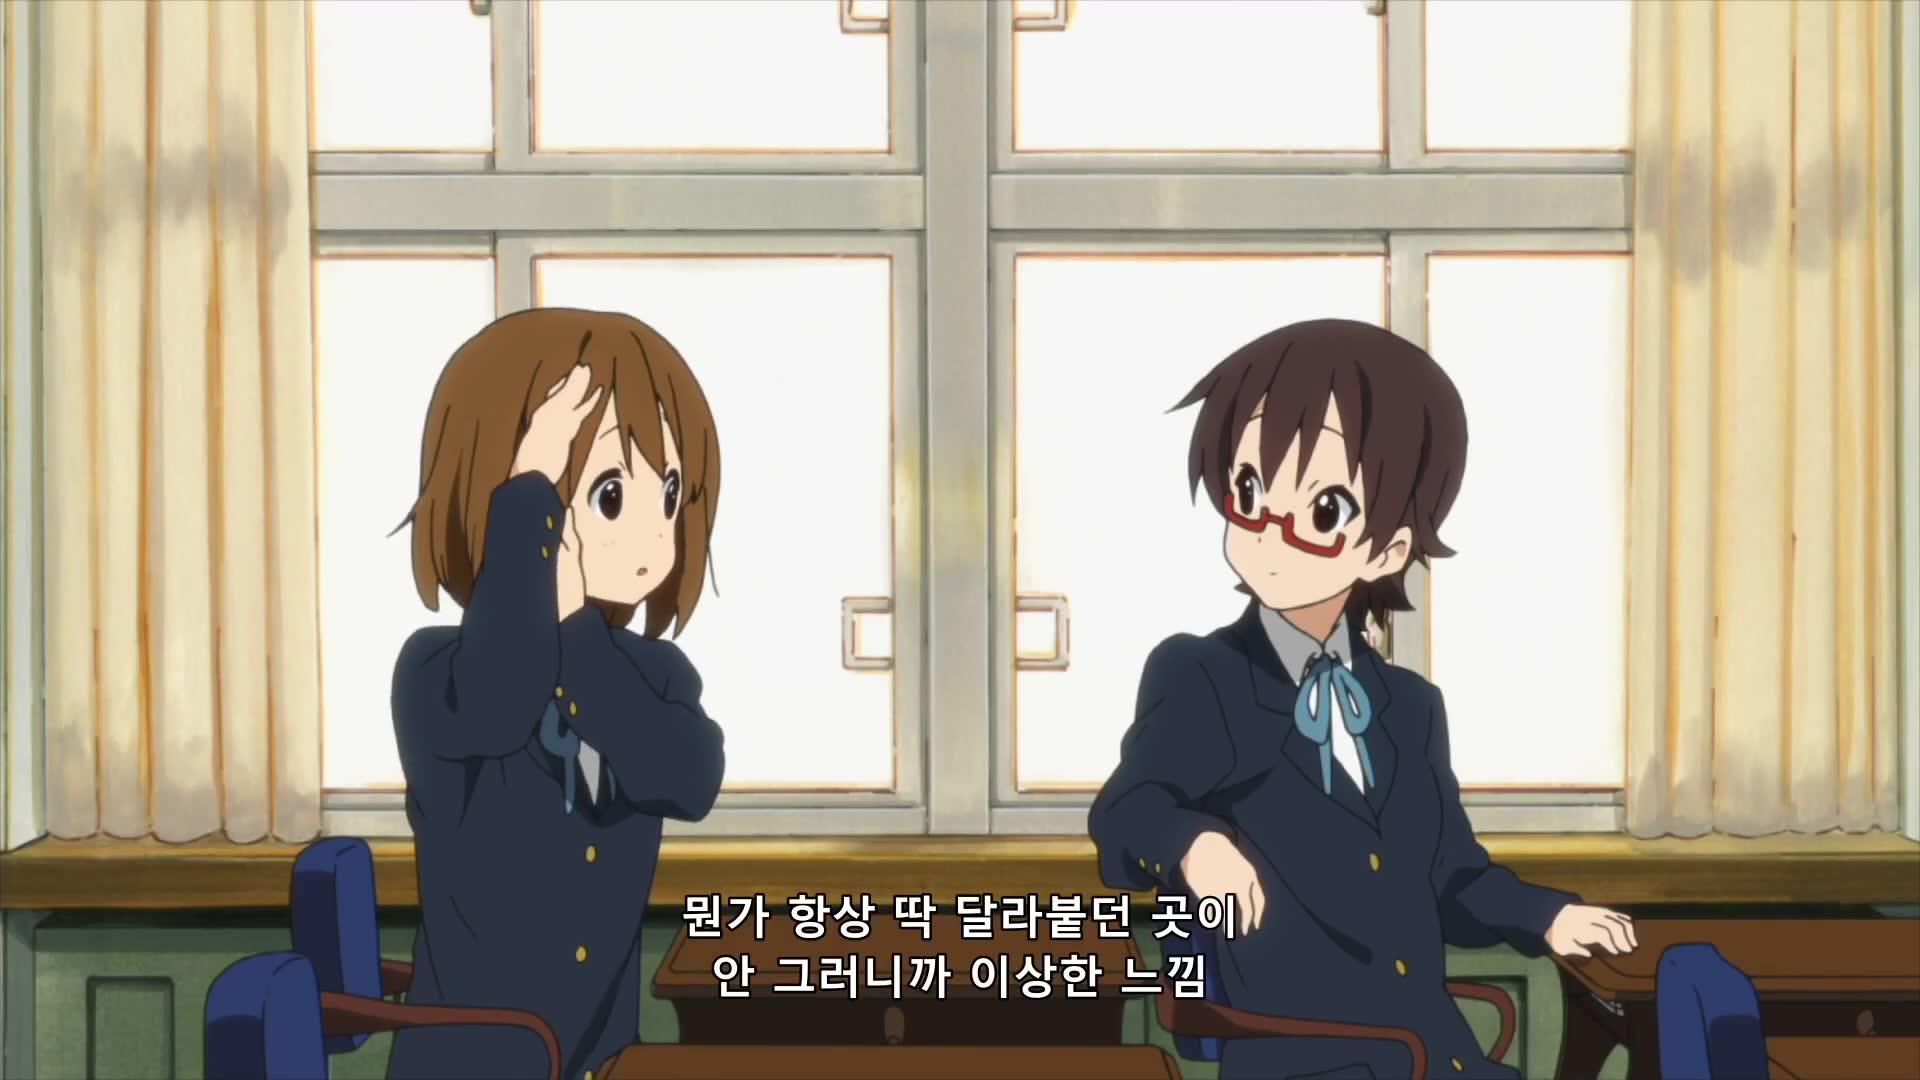 21화 졸업앨범!